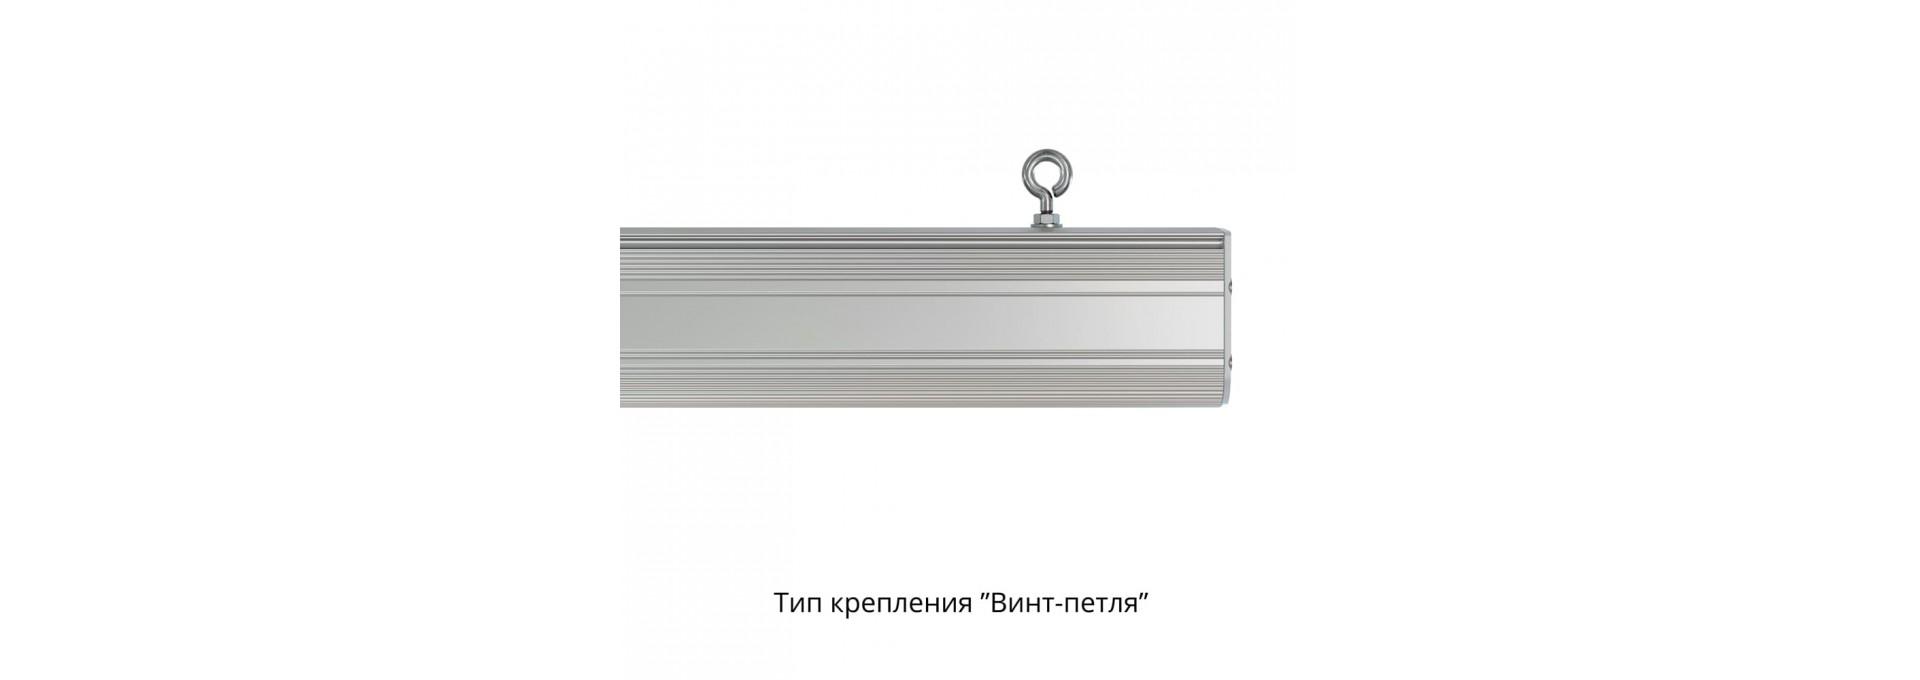 Маркет-Линия 20 1000мм ЭКО 3000К Опал